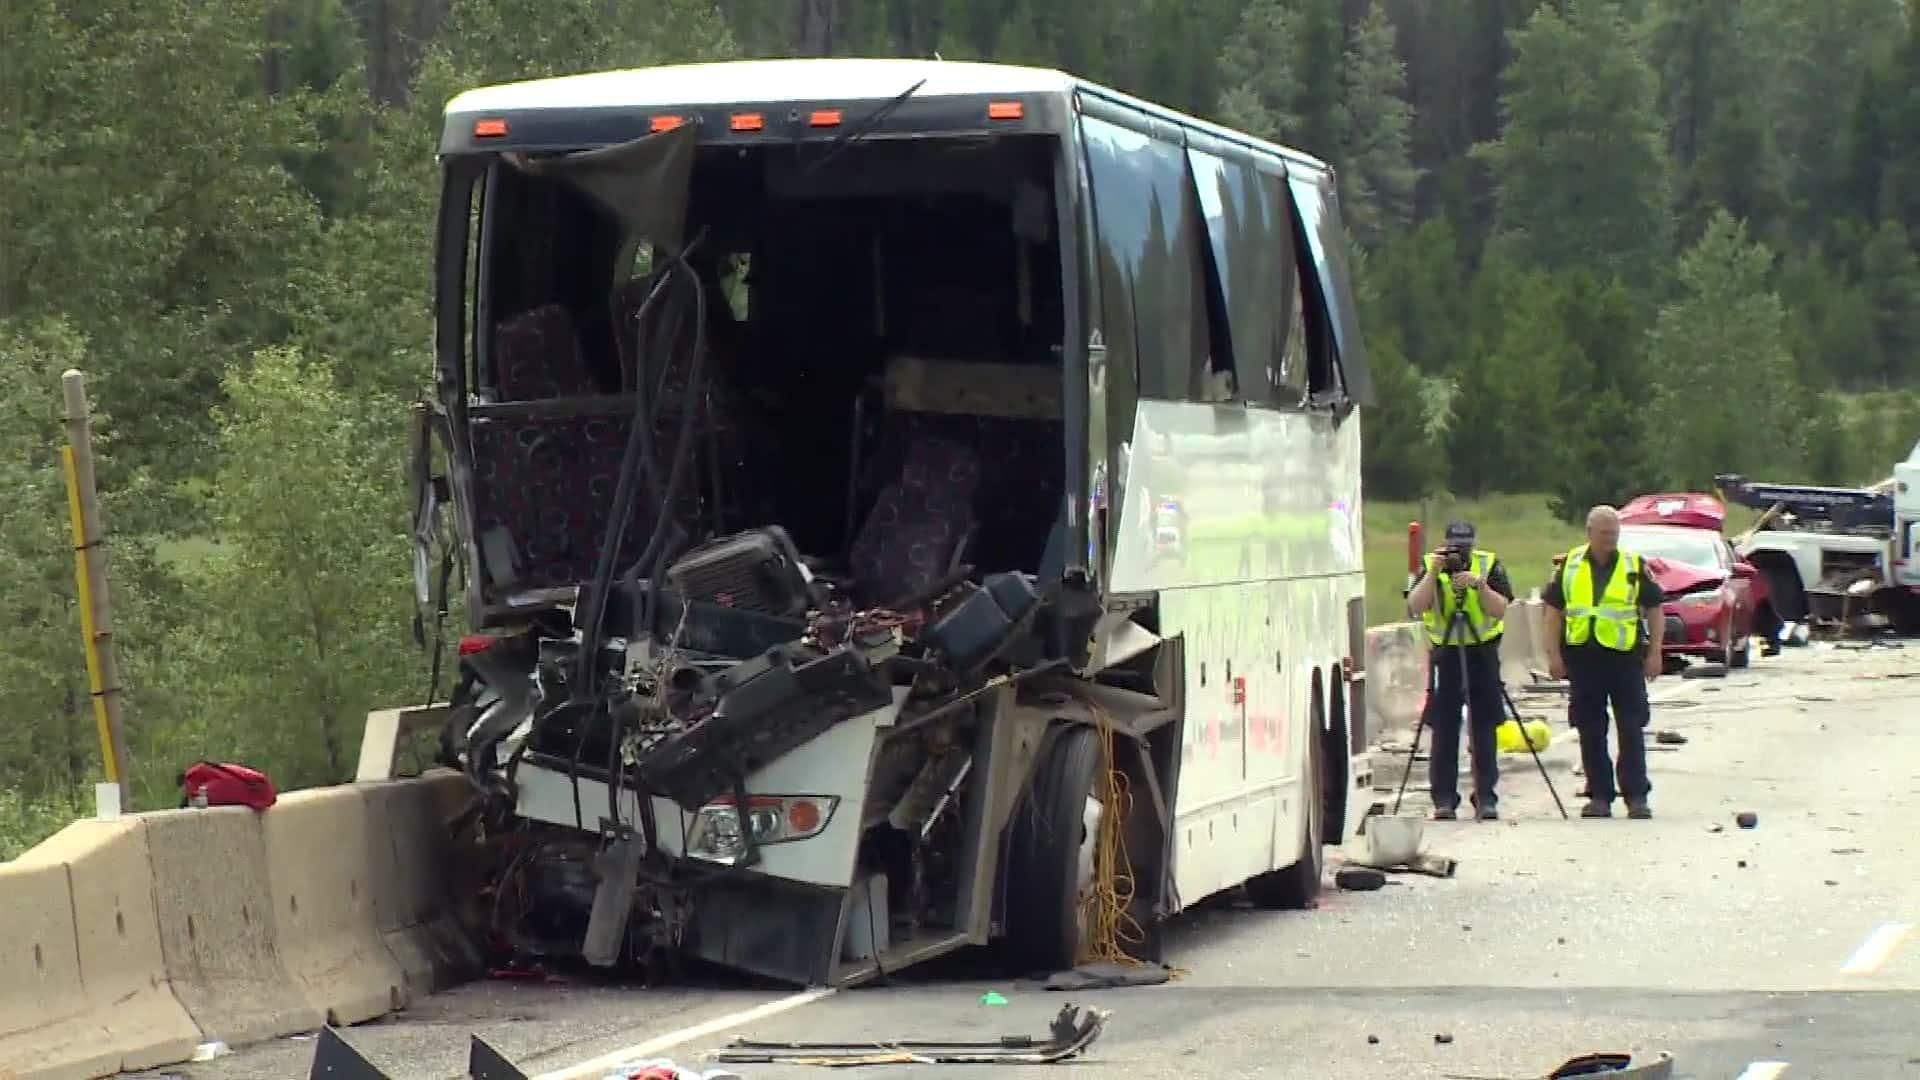 Tour bus slams into tow truck